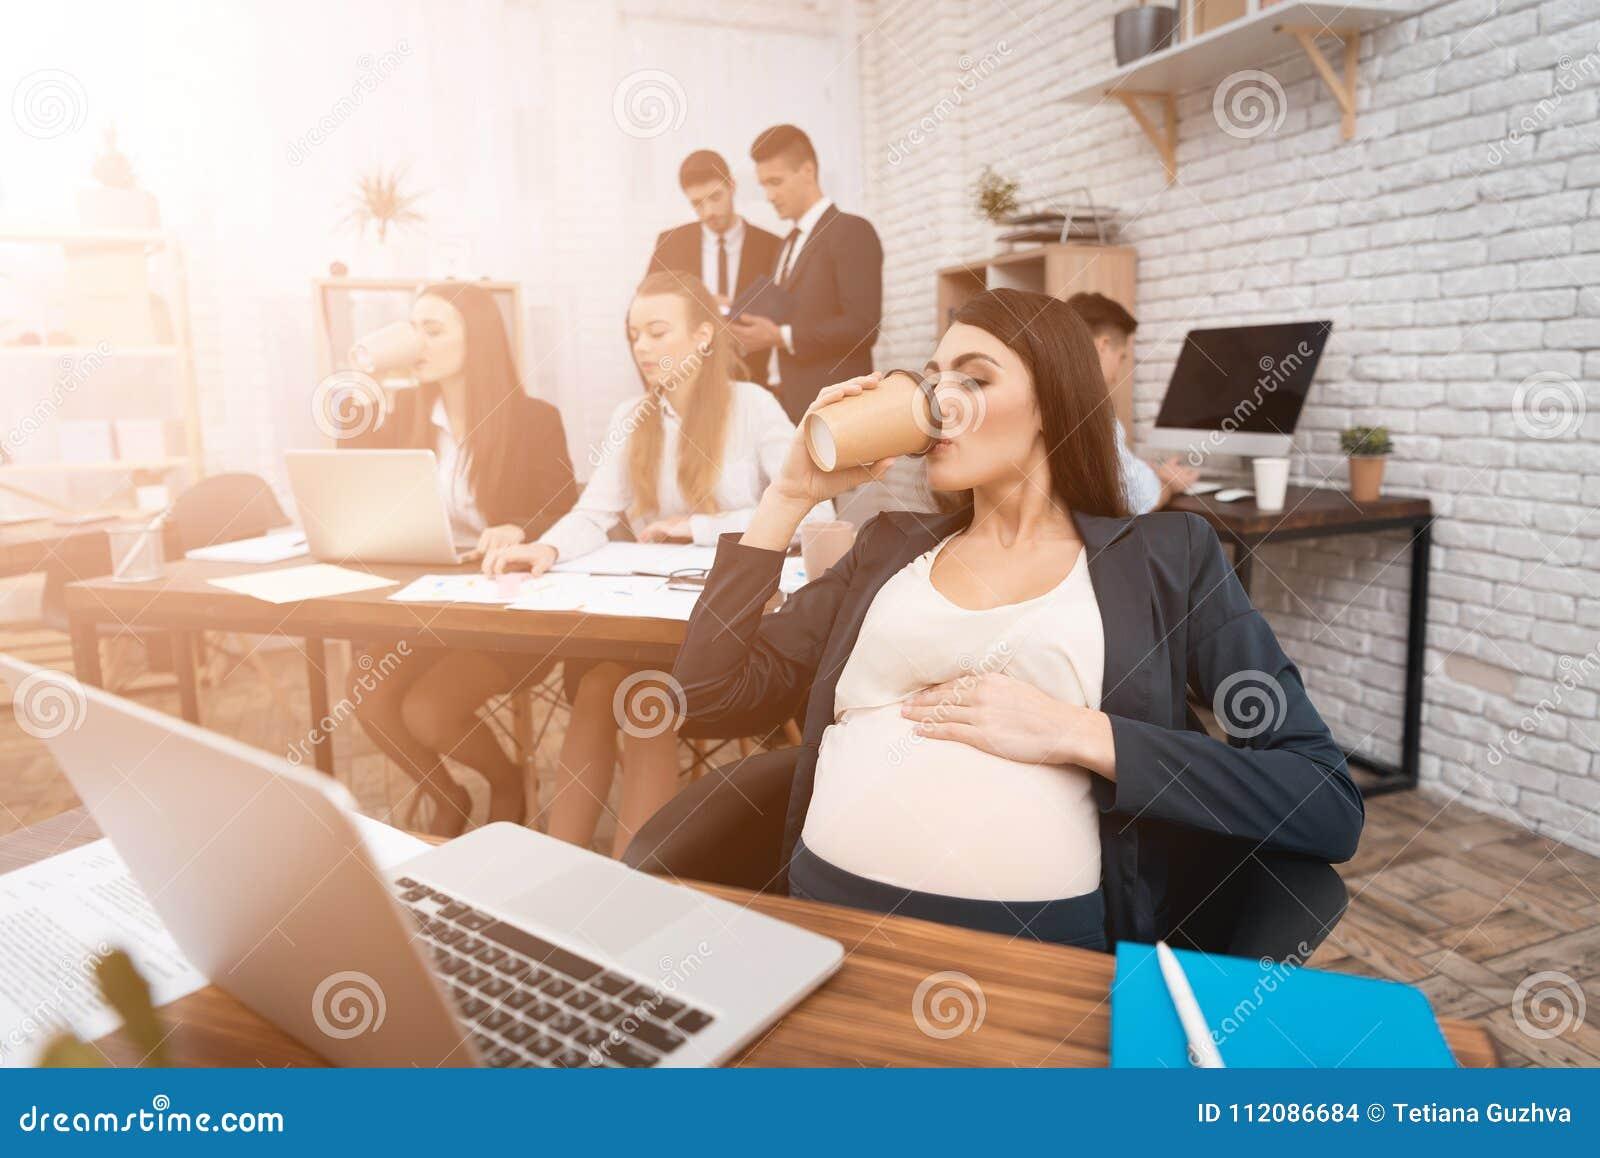 Беременная девушка на работе анастасия смирнова фото